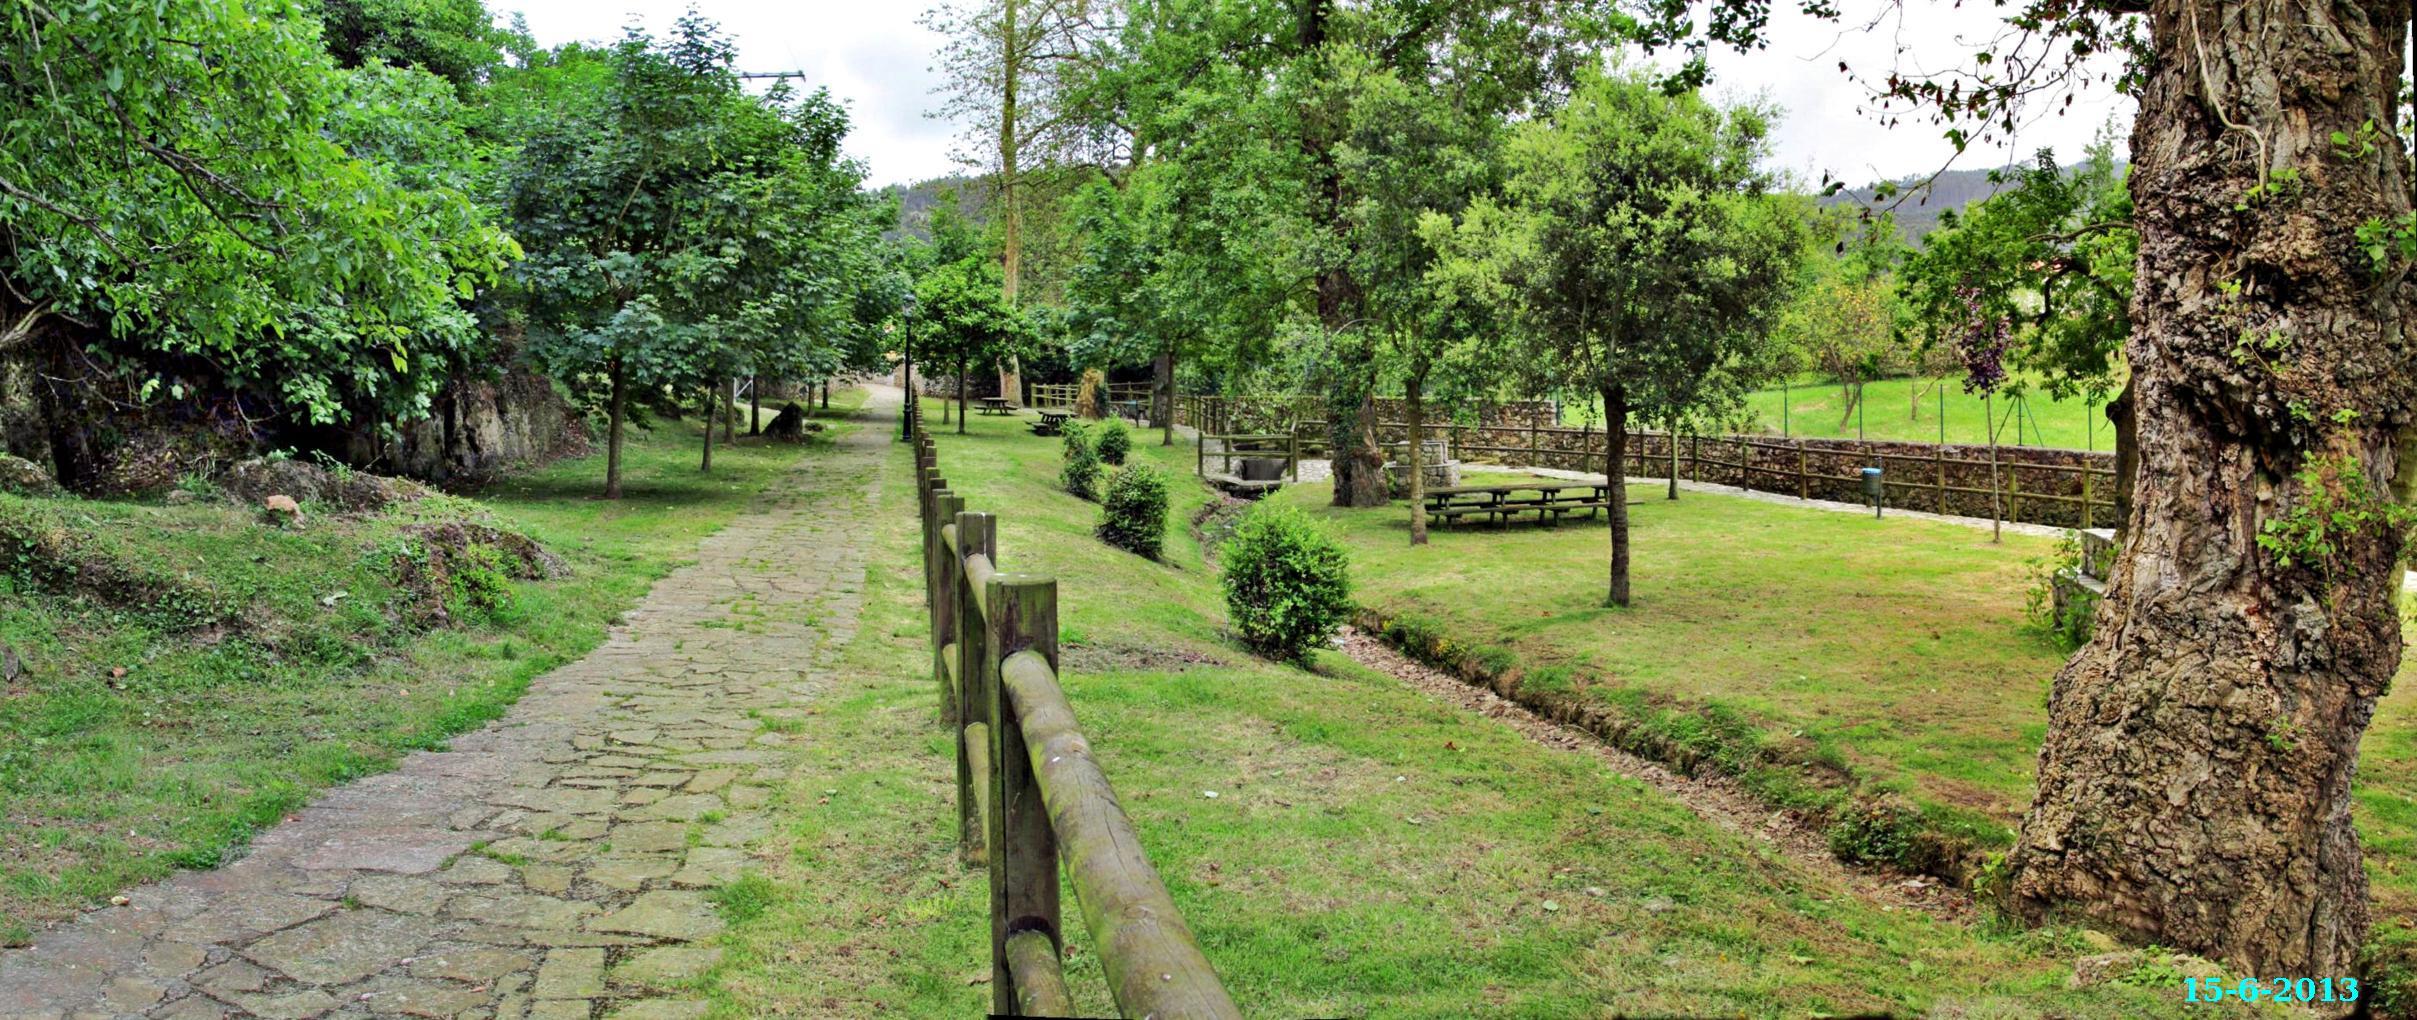 Parque Publico En Salamanca 3083